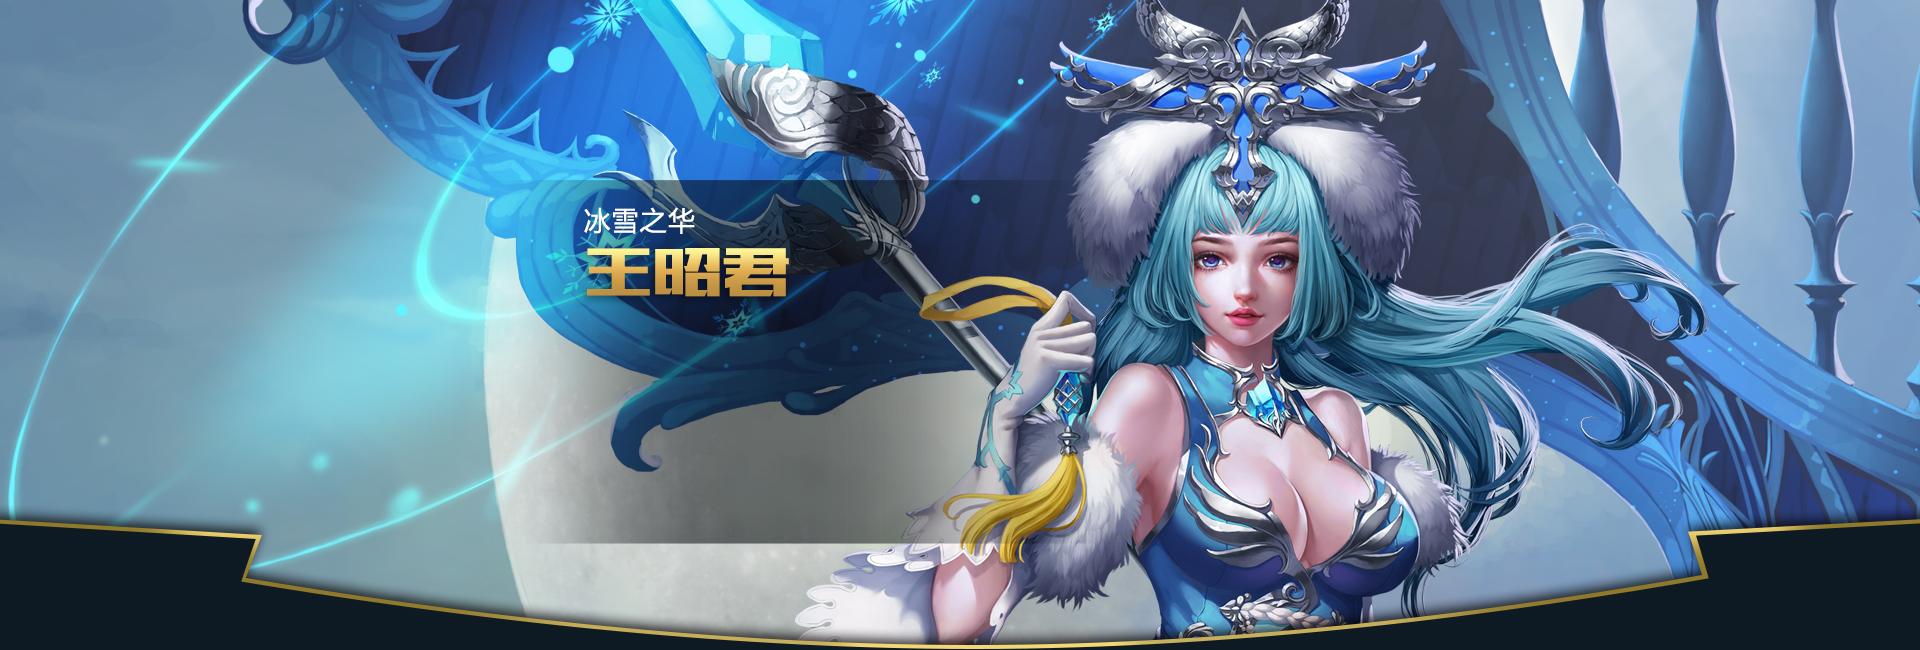 第2弹《王者荣耀英雄皮肤CG》竞技游戏62